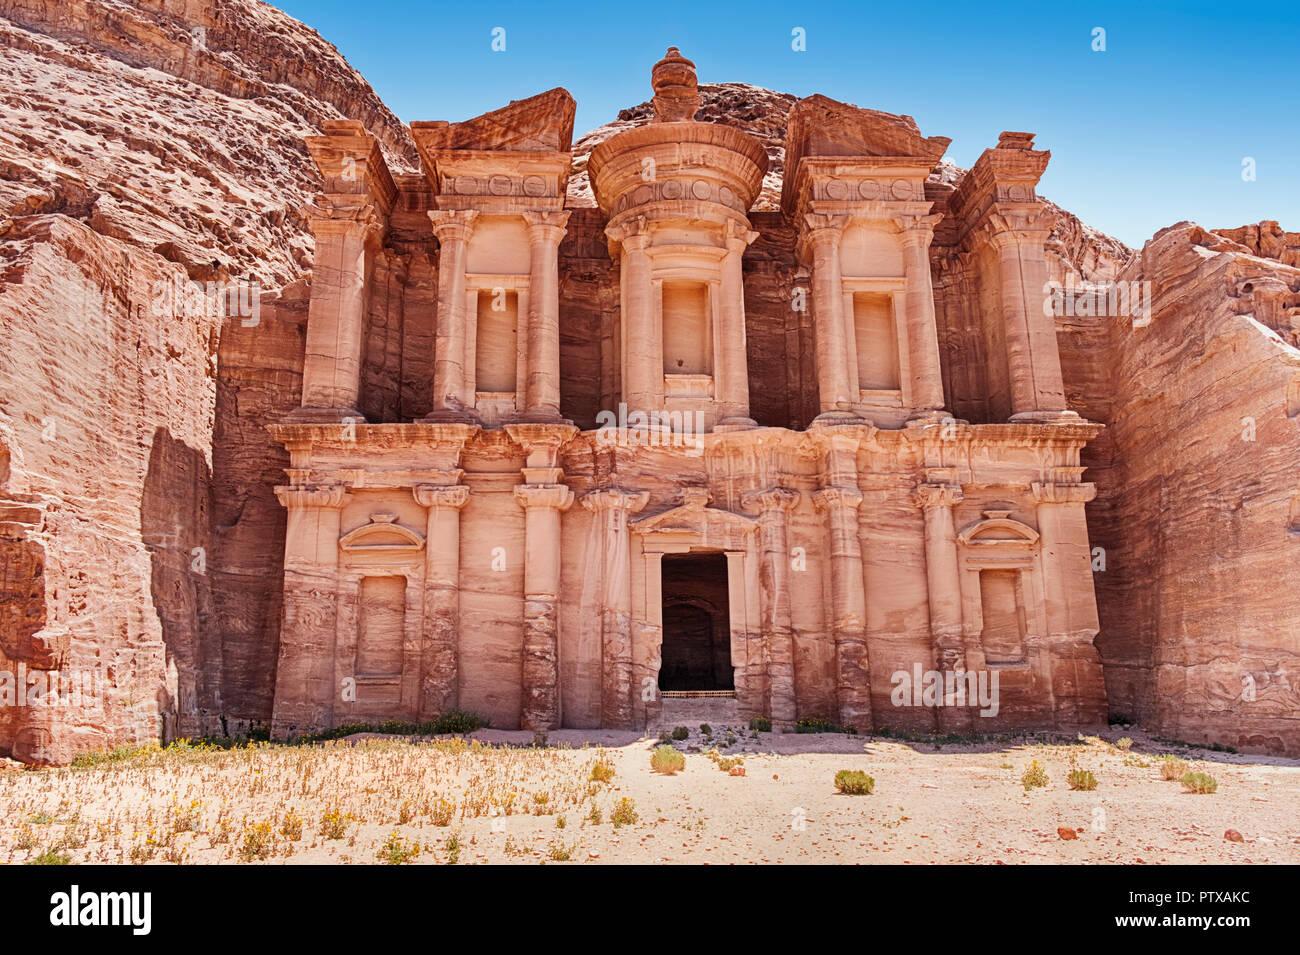 Das Kloster von Petra ist die größte der prächtigen geschnitzten Gräber aus dem Alten necroplis, die noch existiert. Stockbild